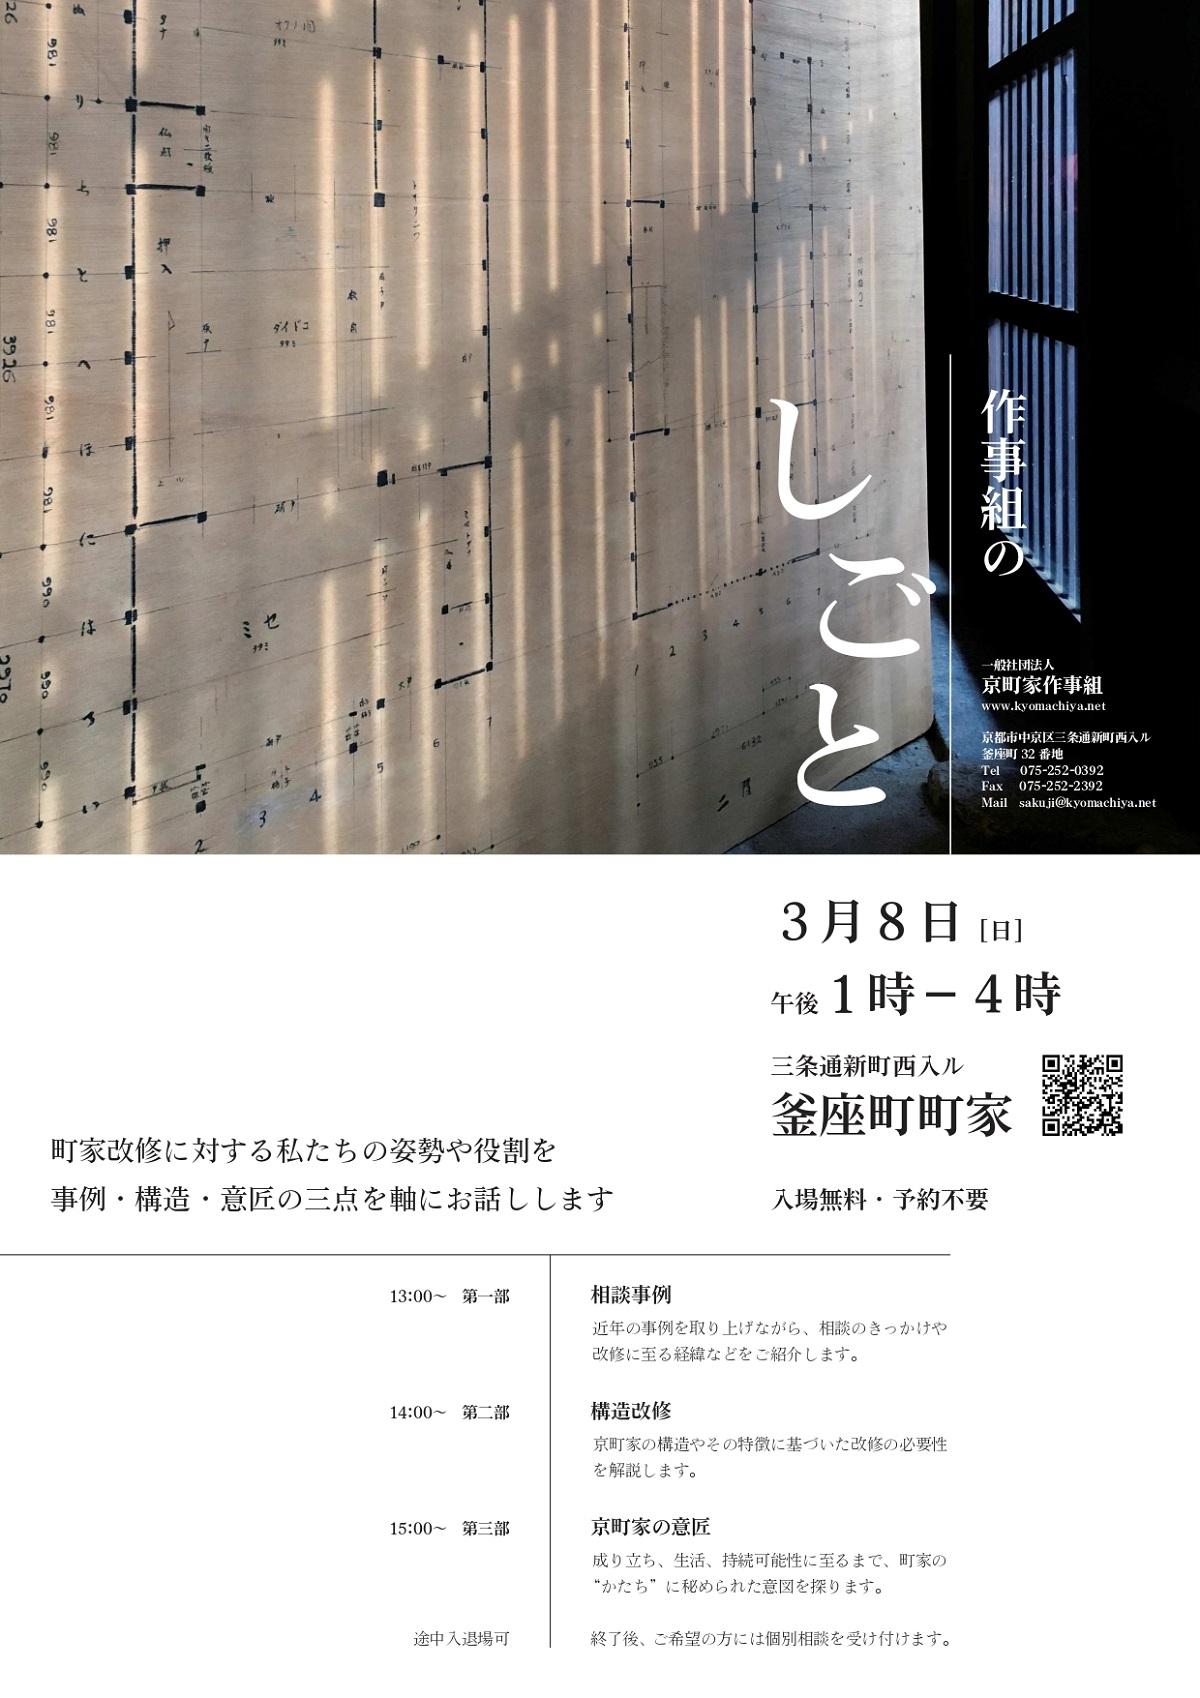 sakuji01